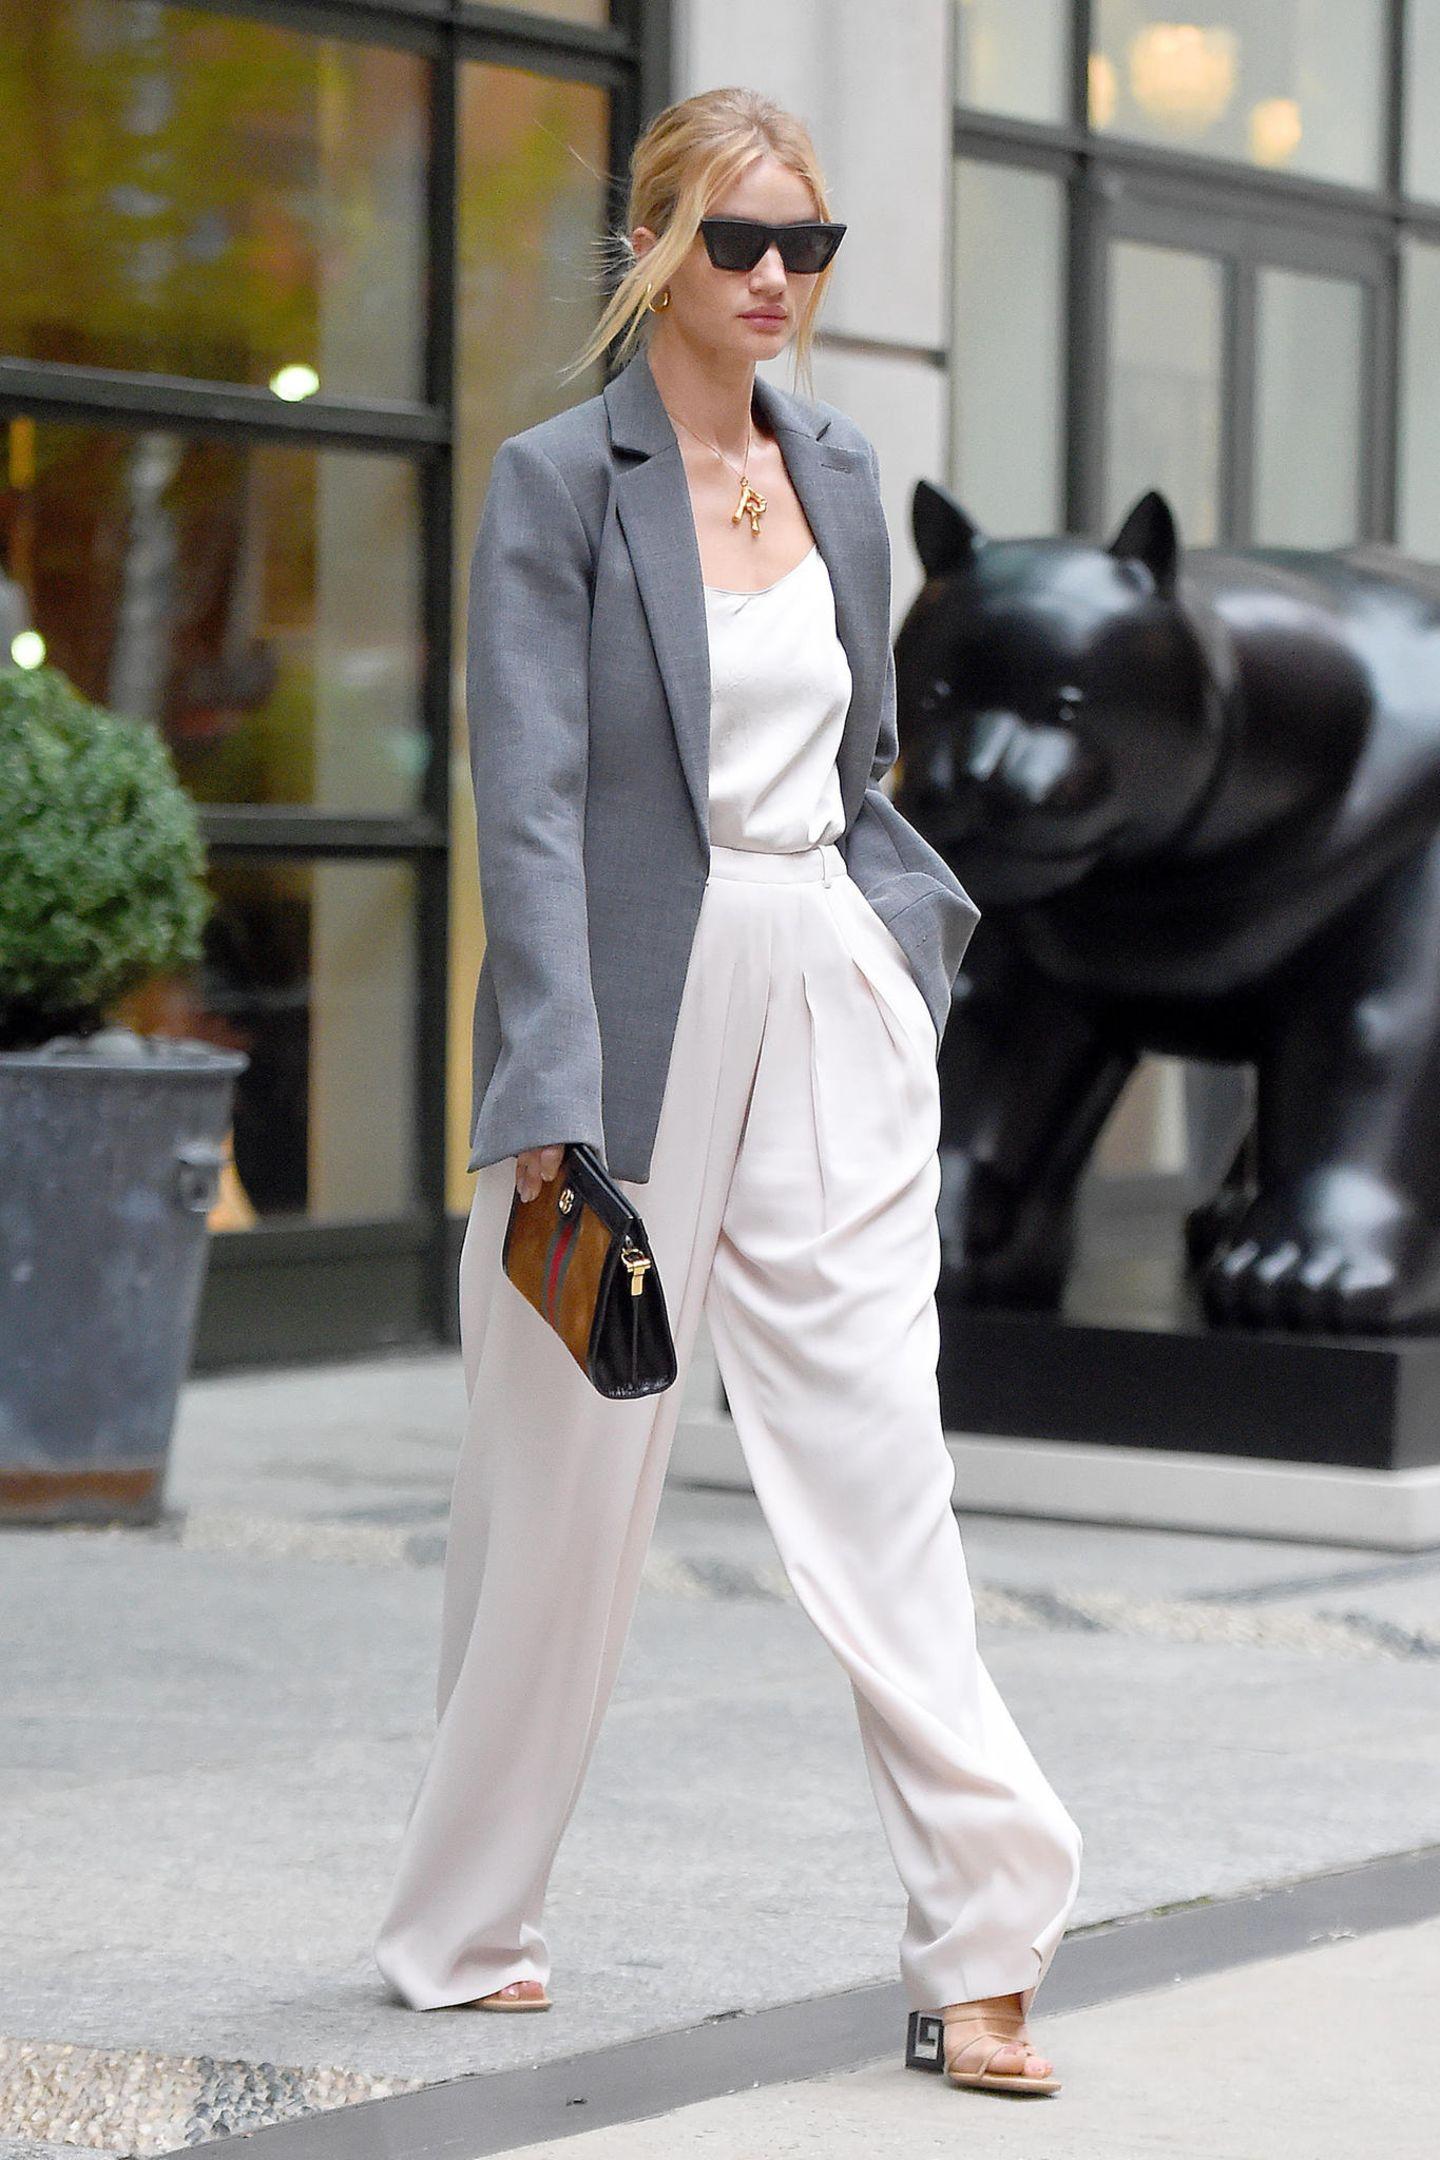 Was aussieht, wie ein Bild aus einer Fashion-Kampagne ist nur Rosie Huntington-Whiteley beim Verlassen ihres Hotels in New York. In einer weißen Marlene-Hose mit passendem Top, einem grauen Oversized-Blazer und mit cooler Sonnenbrille von Celine hat das Model ihren großen Auftritt.